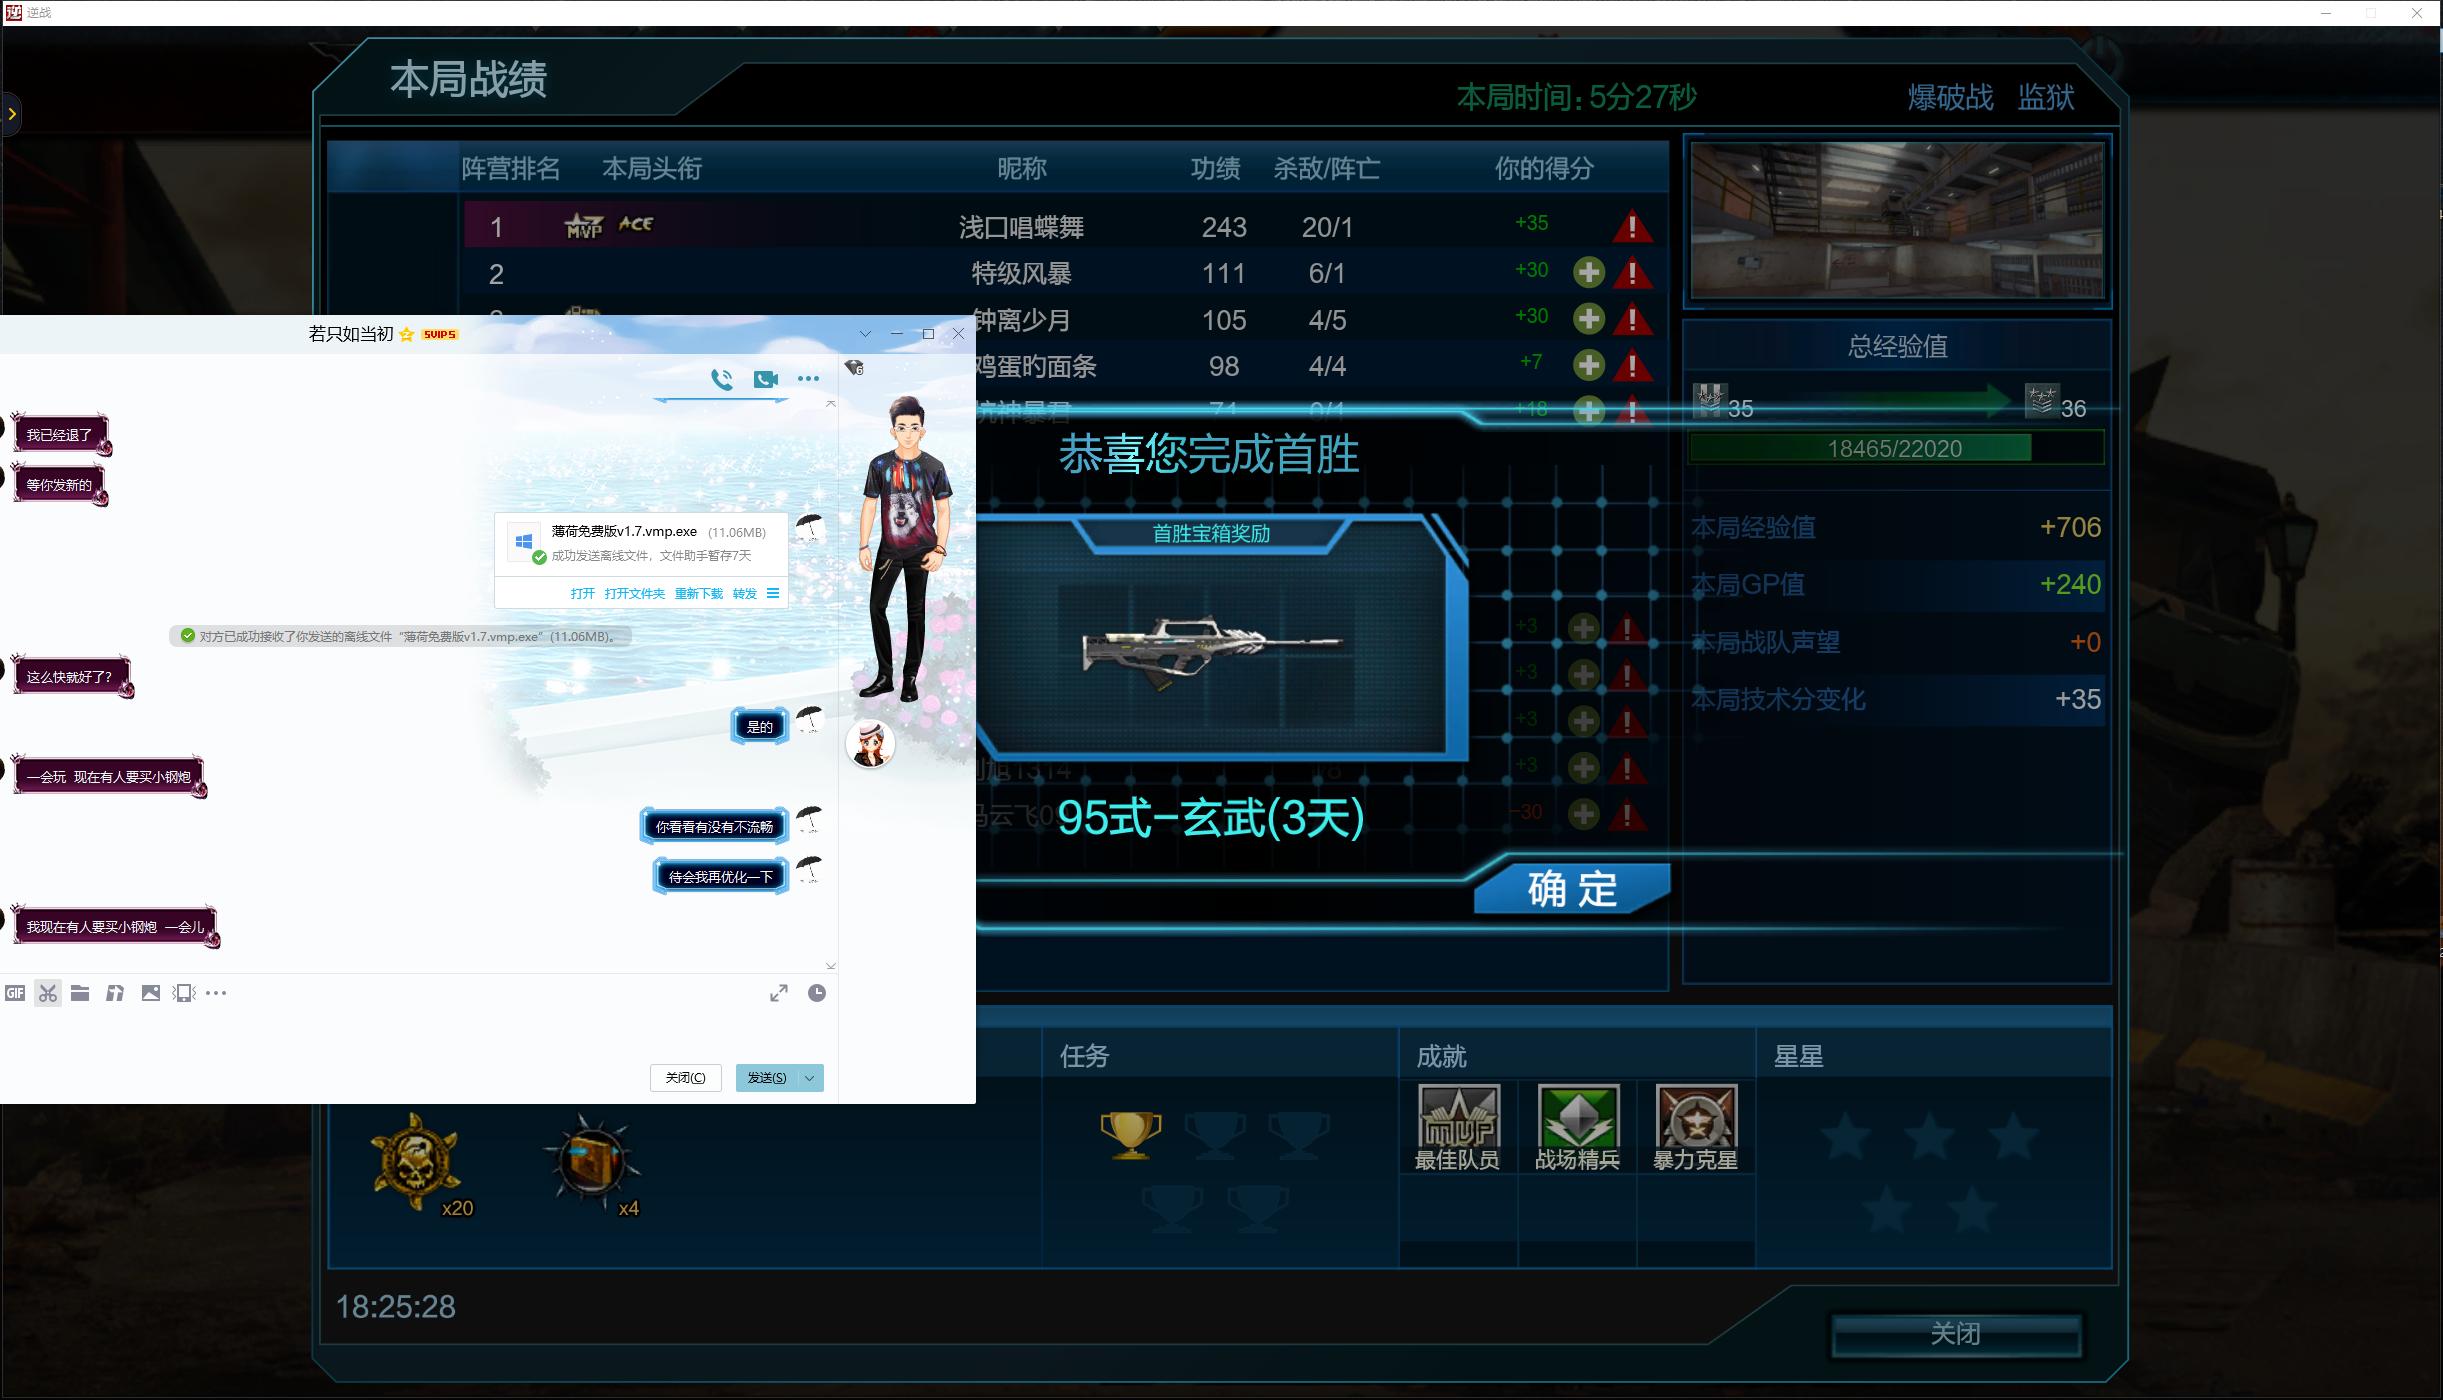 逆战【薄荷v1.7】方框透视 自动瞄准 快切快换 一秒千刀